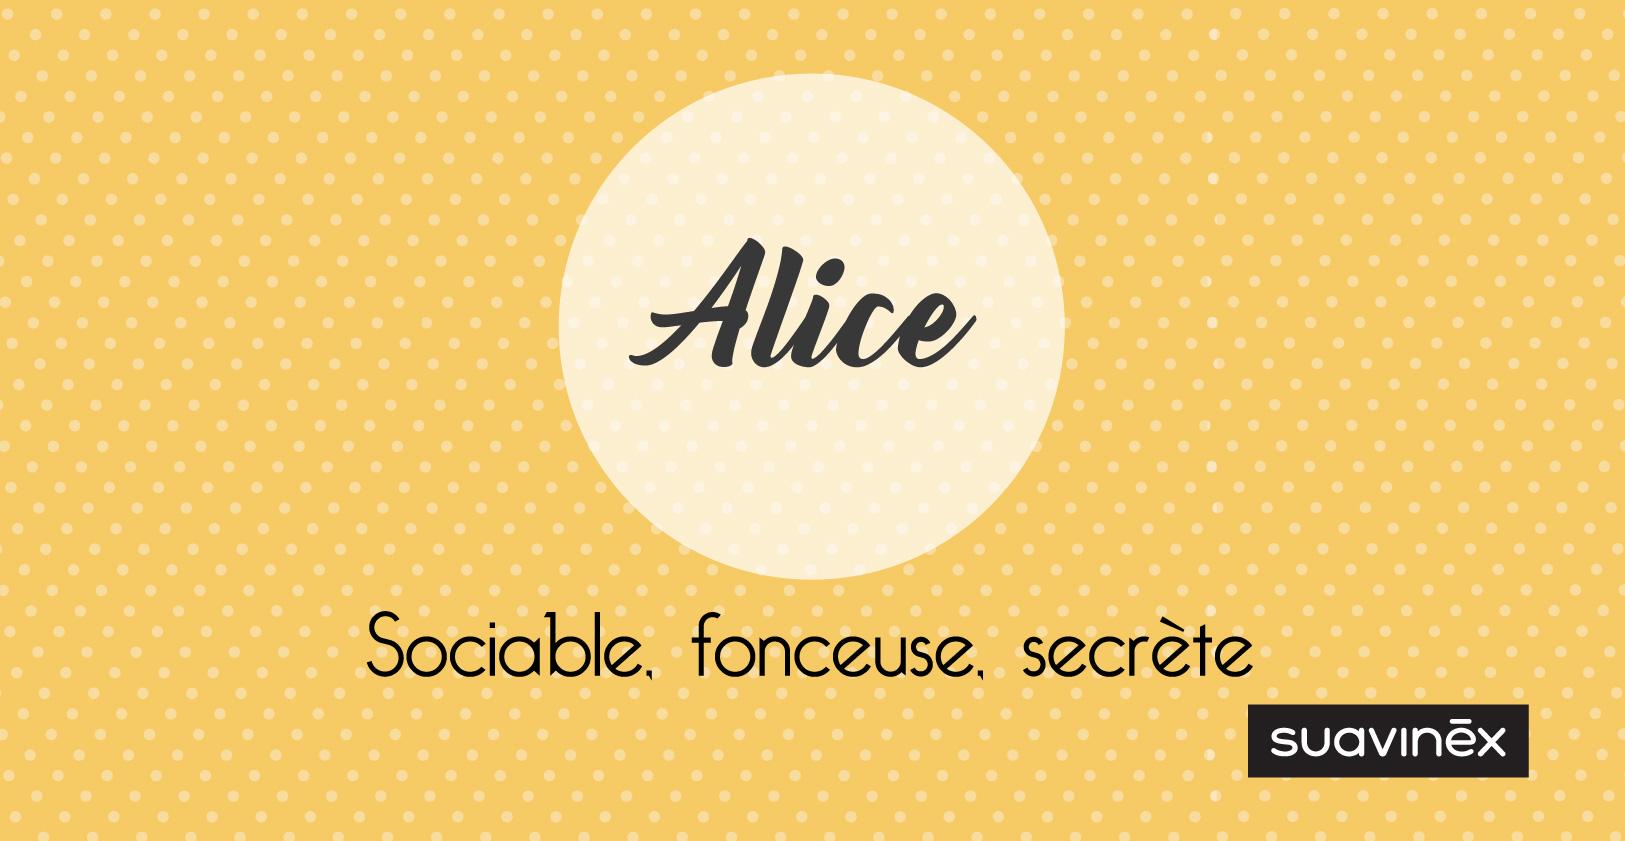 Prénom Alice : signification, caractère et petites choses à savoir